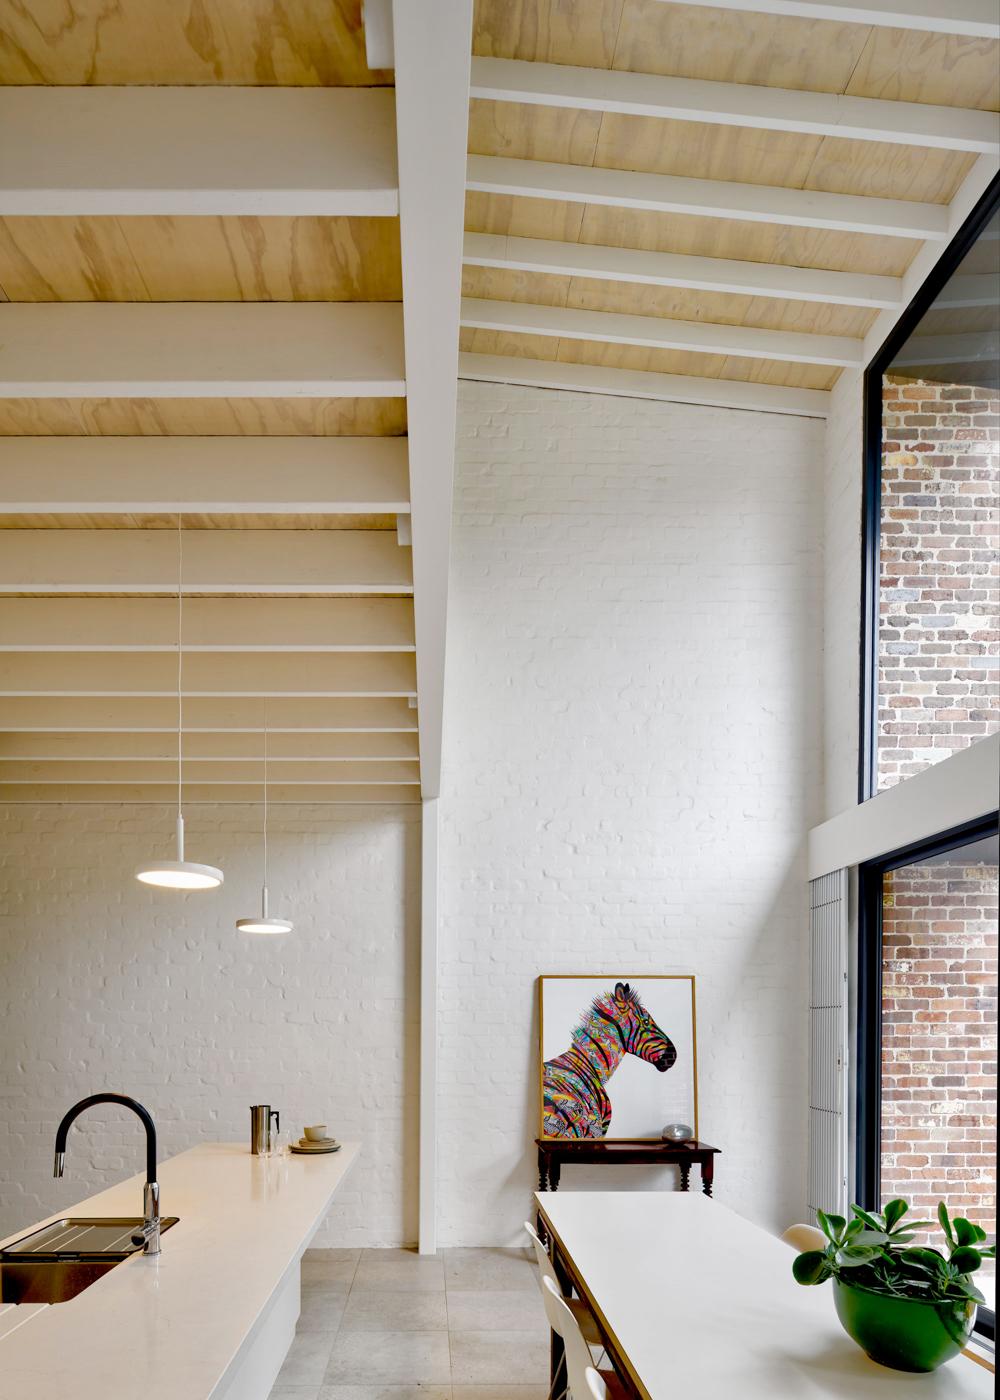 brick-aperture-house-kreis-grennan-architecture-the-design-emotive-03.jpg